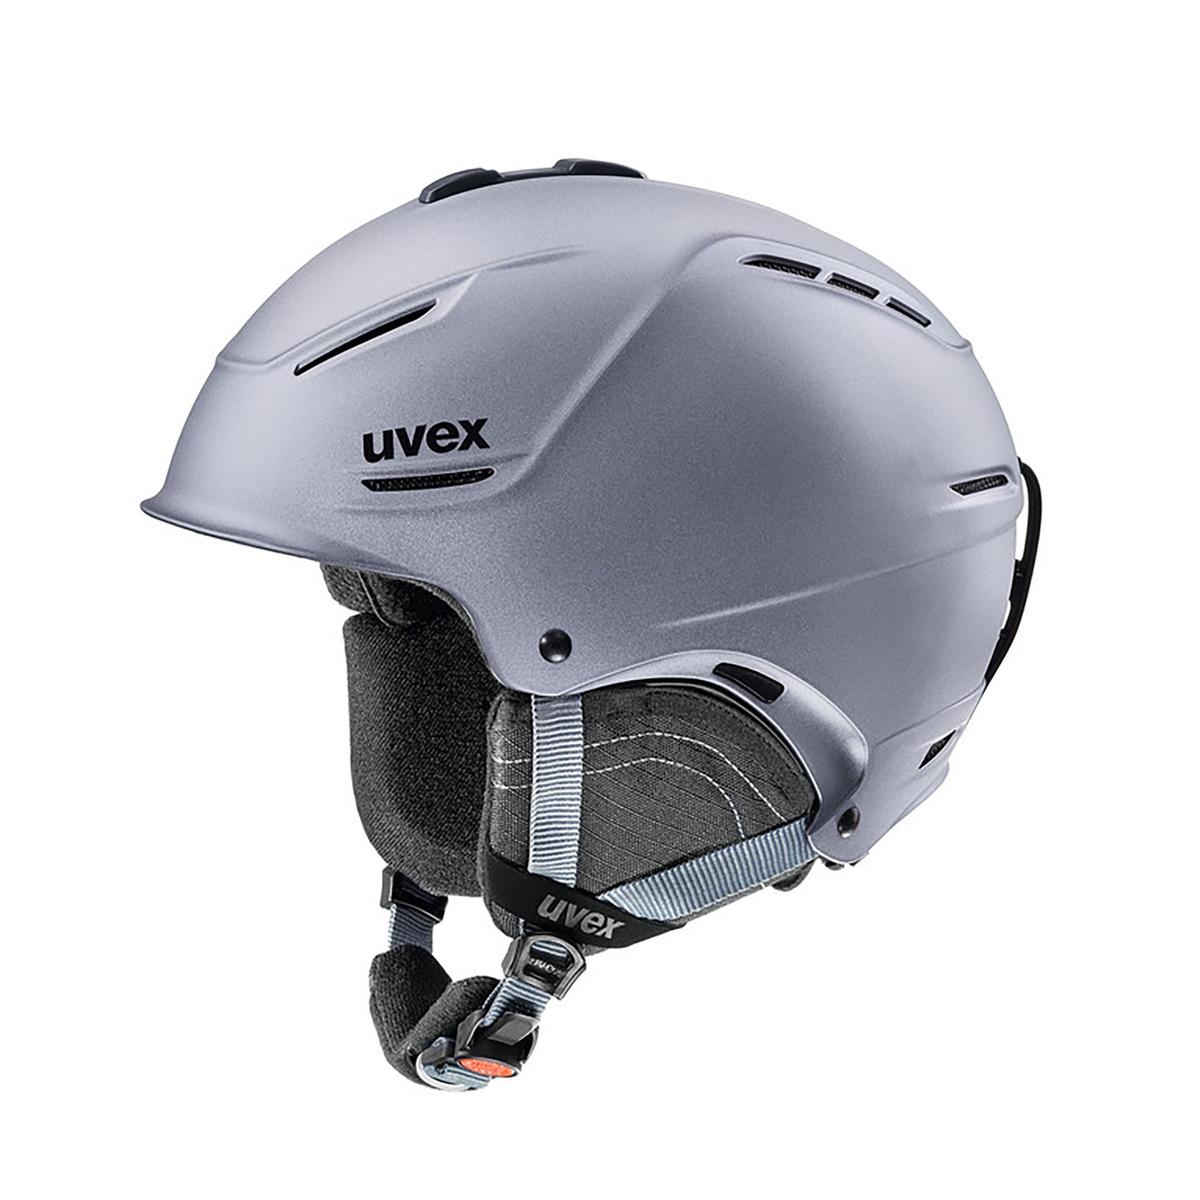 CASCO UVEX P1US 2.0